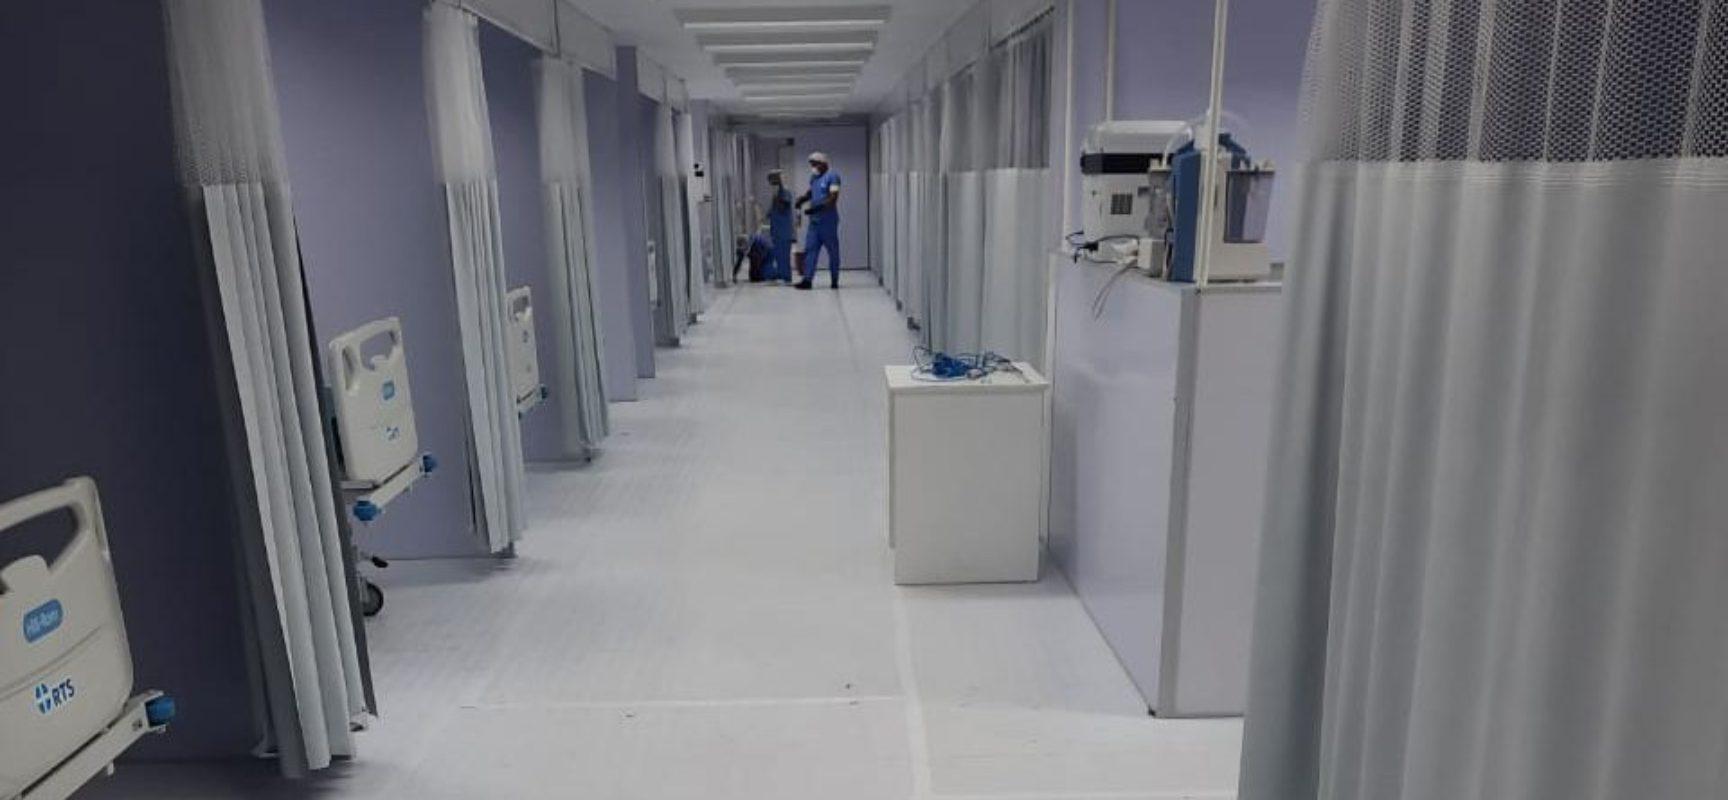 Hospital de Campanha em Itabuna inicia operação com 40 leitos para Covid-19 na próxima terça